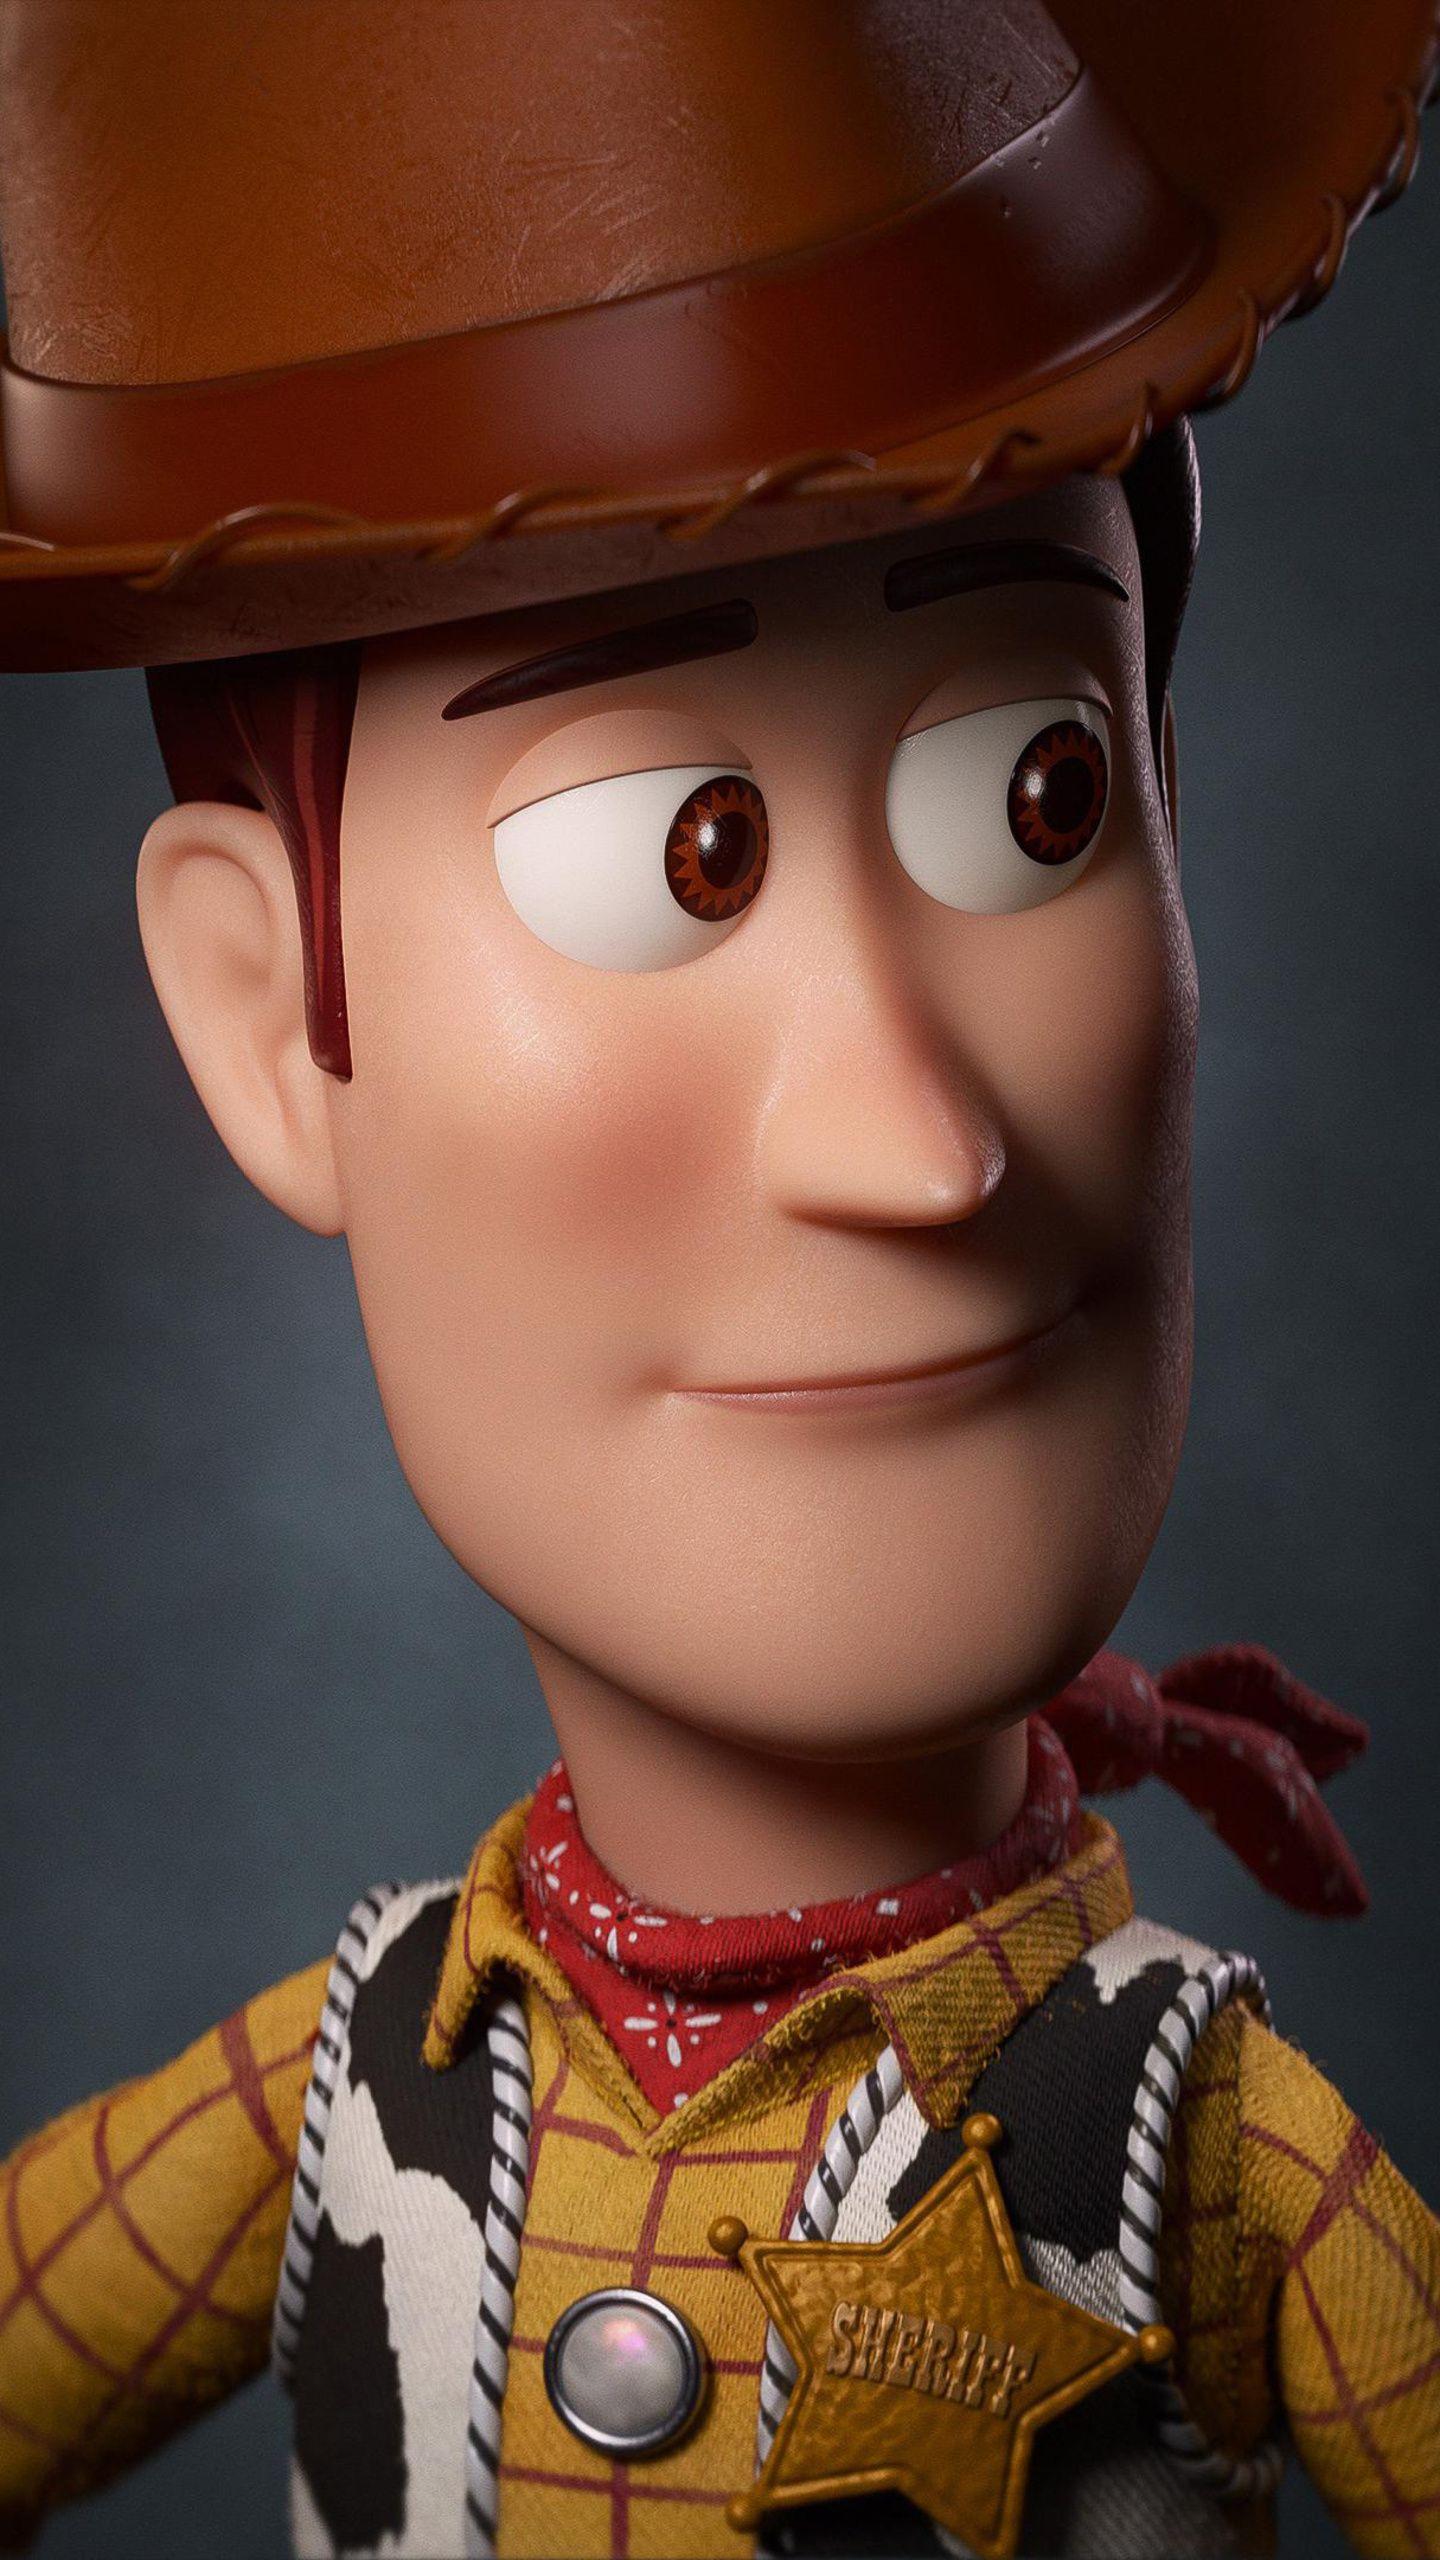 Top 5 Best Pixar Movies Ranked